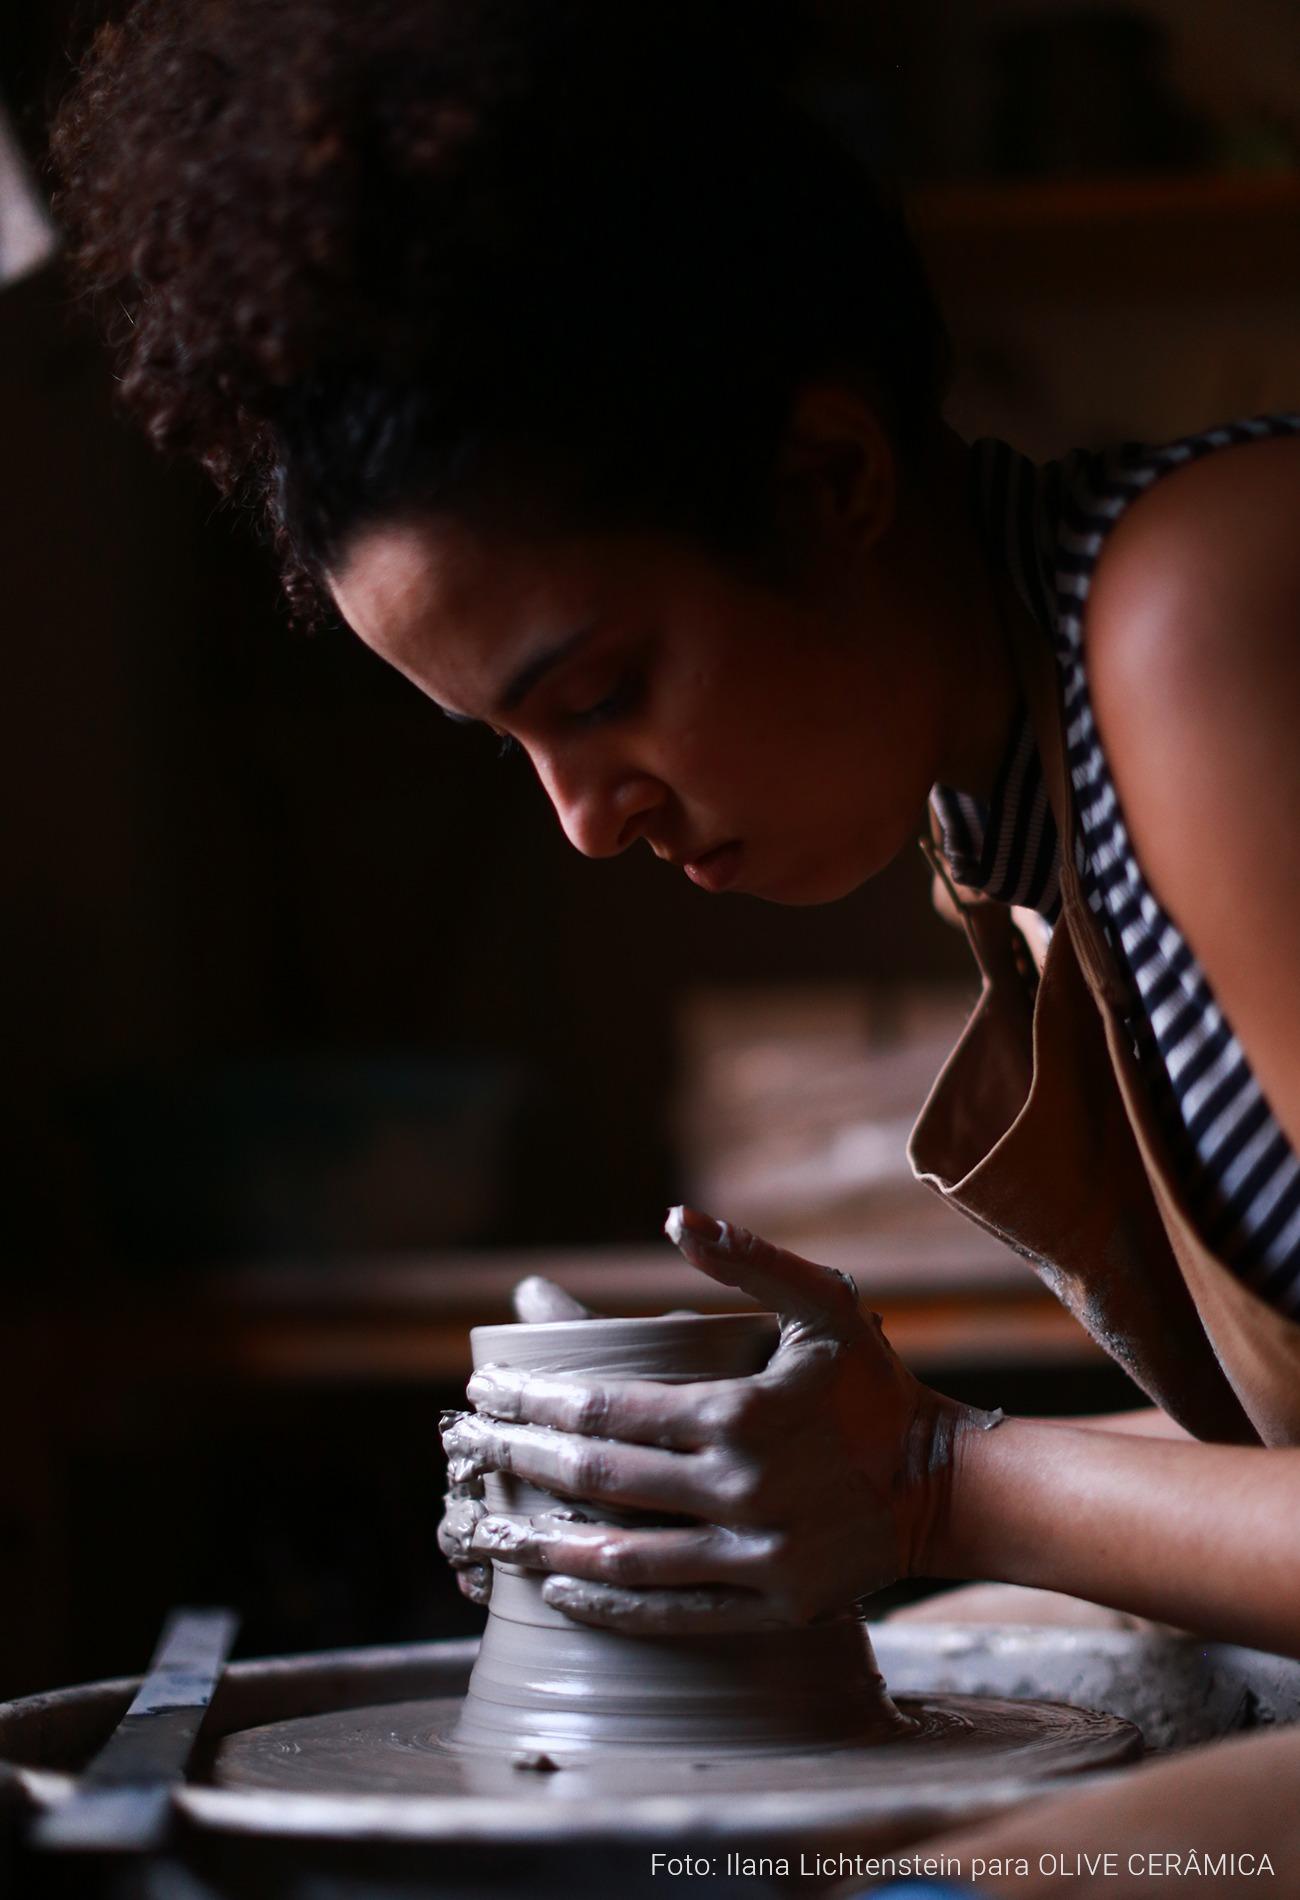 Cerâmica artesanal em casa, como começar com Olive Cerâmica